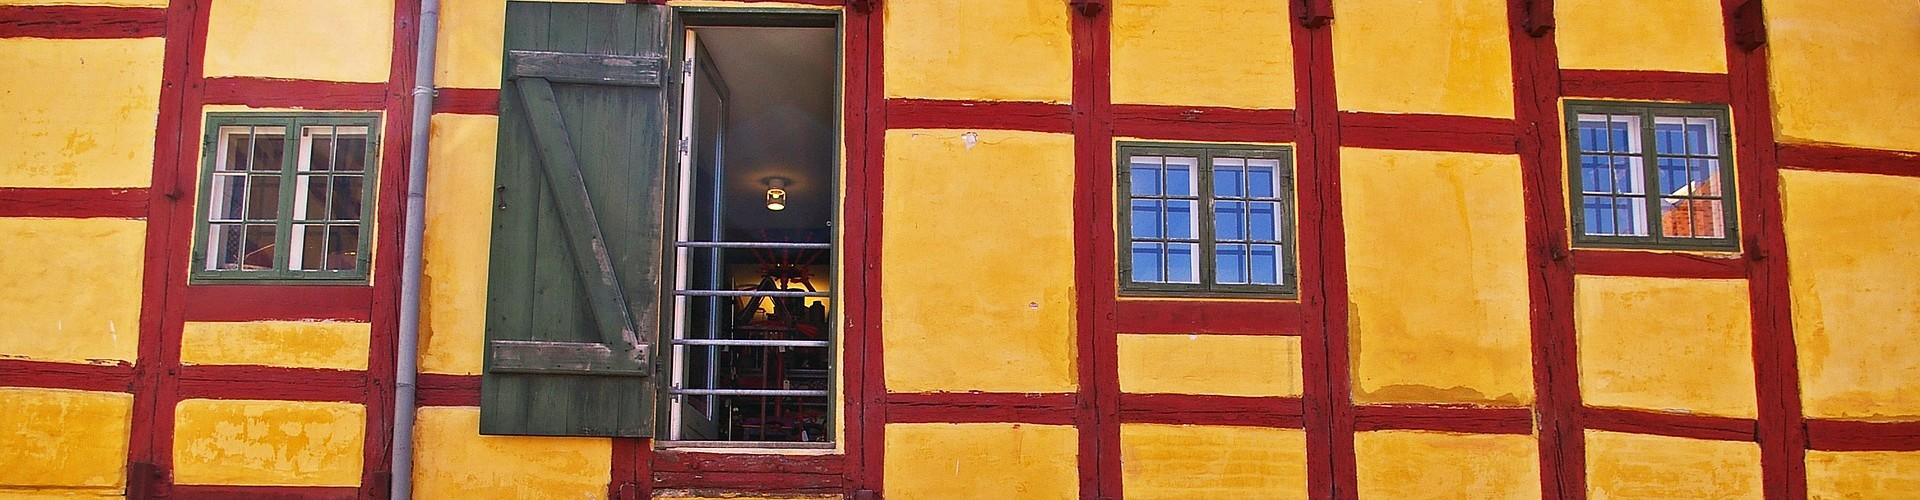 Vakantiehuis huren in Denemarken met kinderen